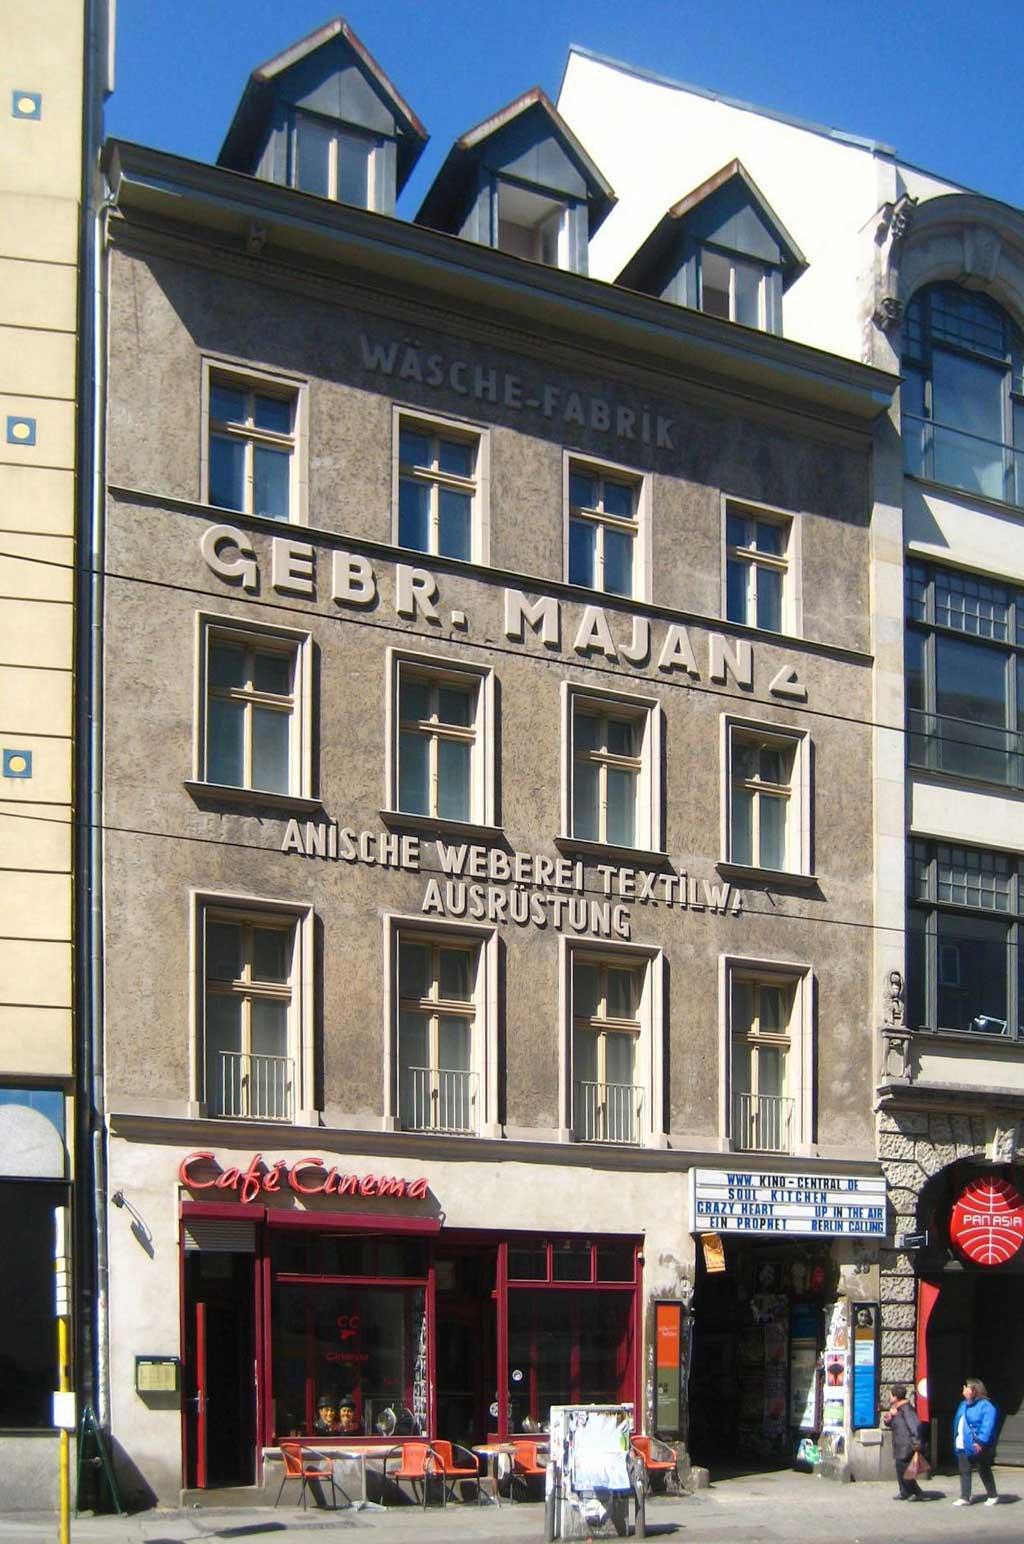 Fasadebilde av børstemakeriet. tatt fra gateplan. Fire etasjers bygård, tre karnapper på taket.